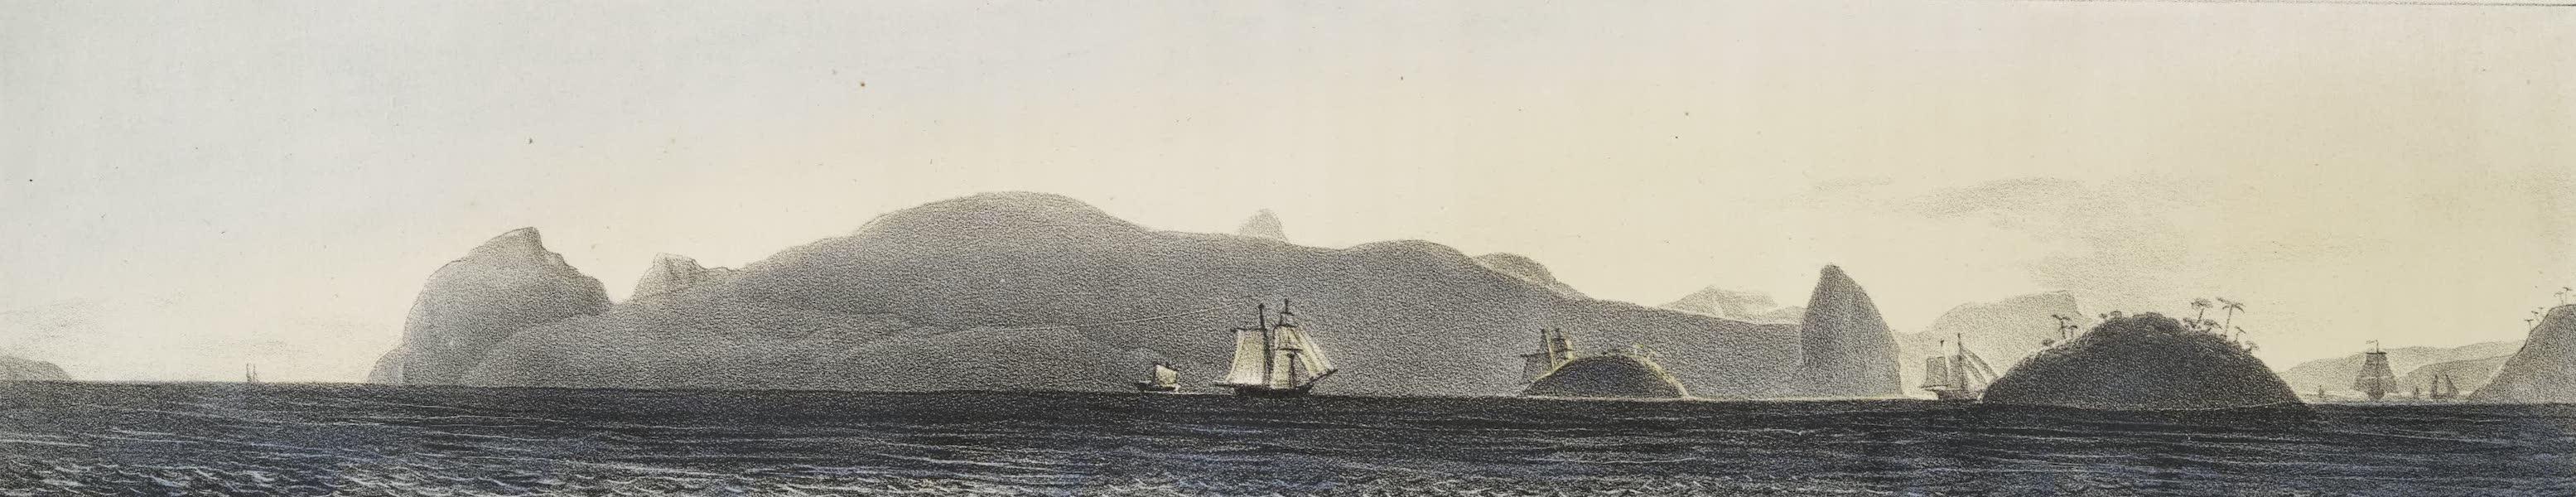 Voyage Pittoresque et Historique au Bresil Vol. 2 - Geant Couche (1835)